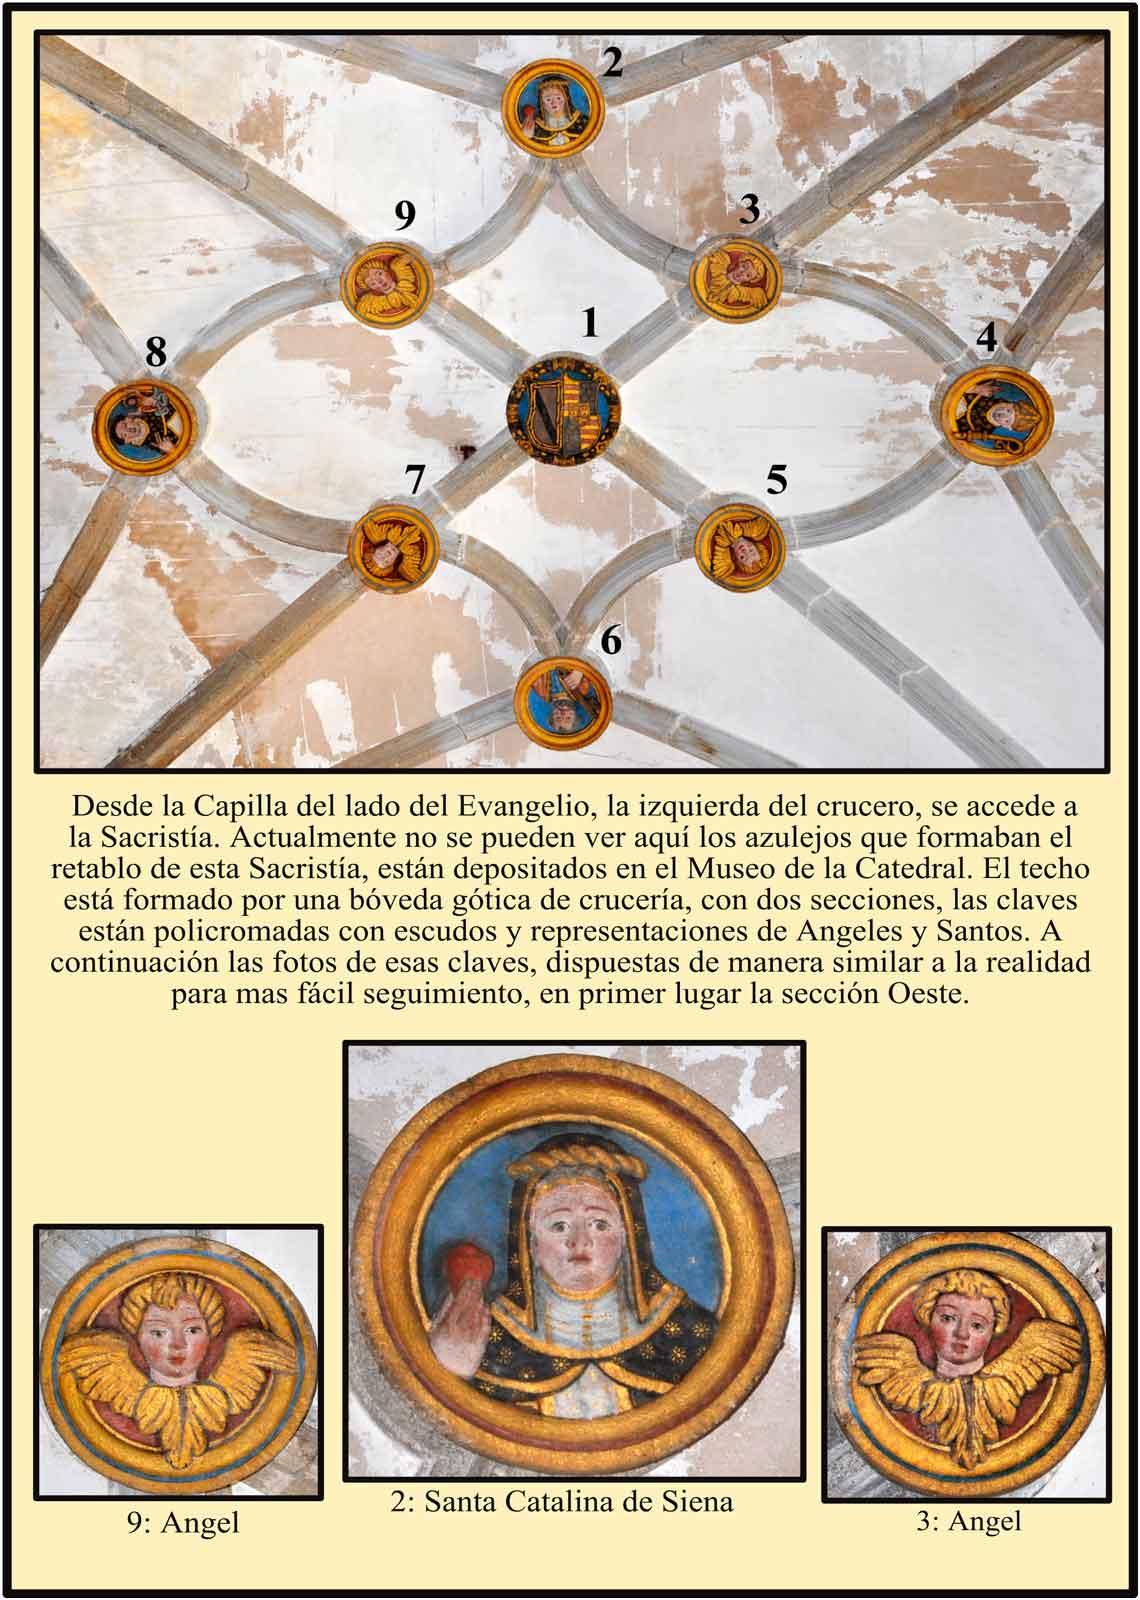 Boveda de la Sacristia con escudos policromados